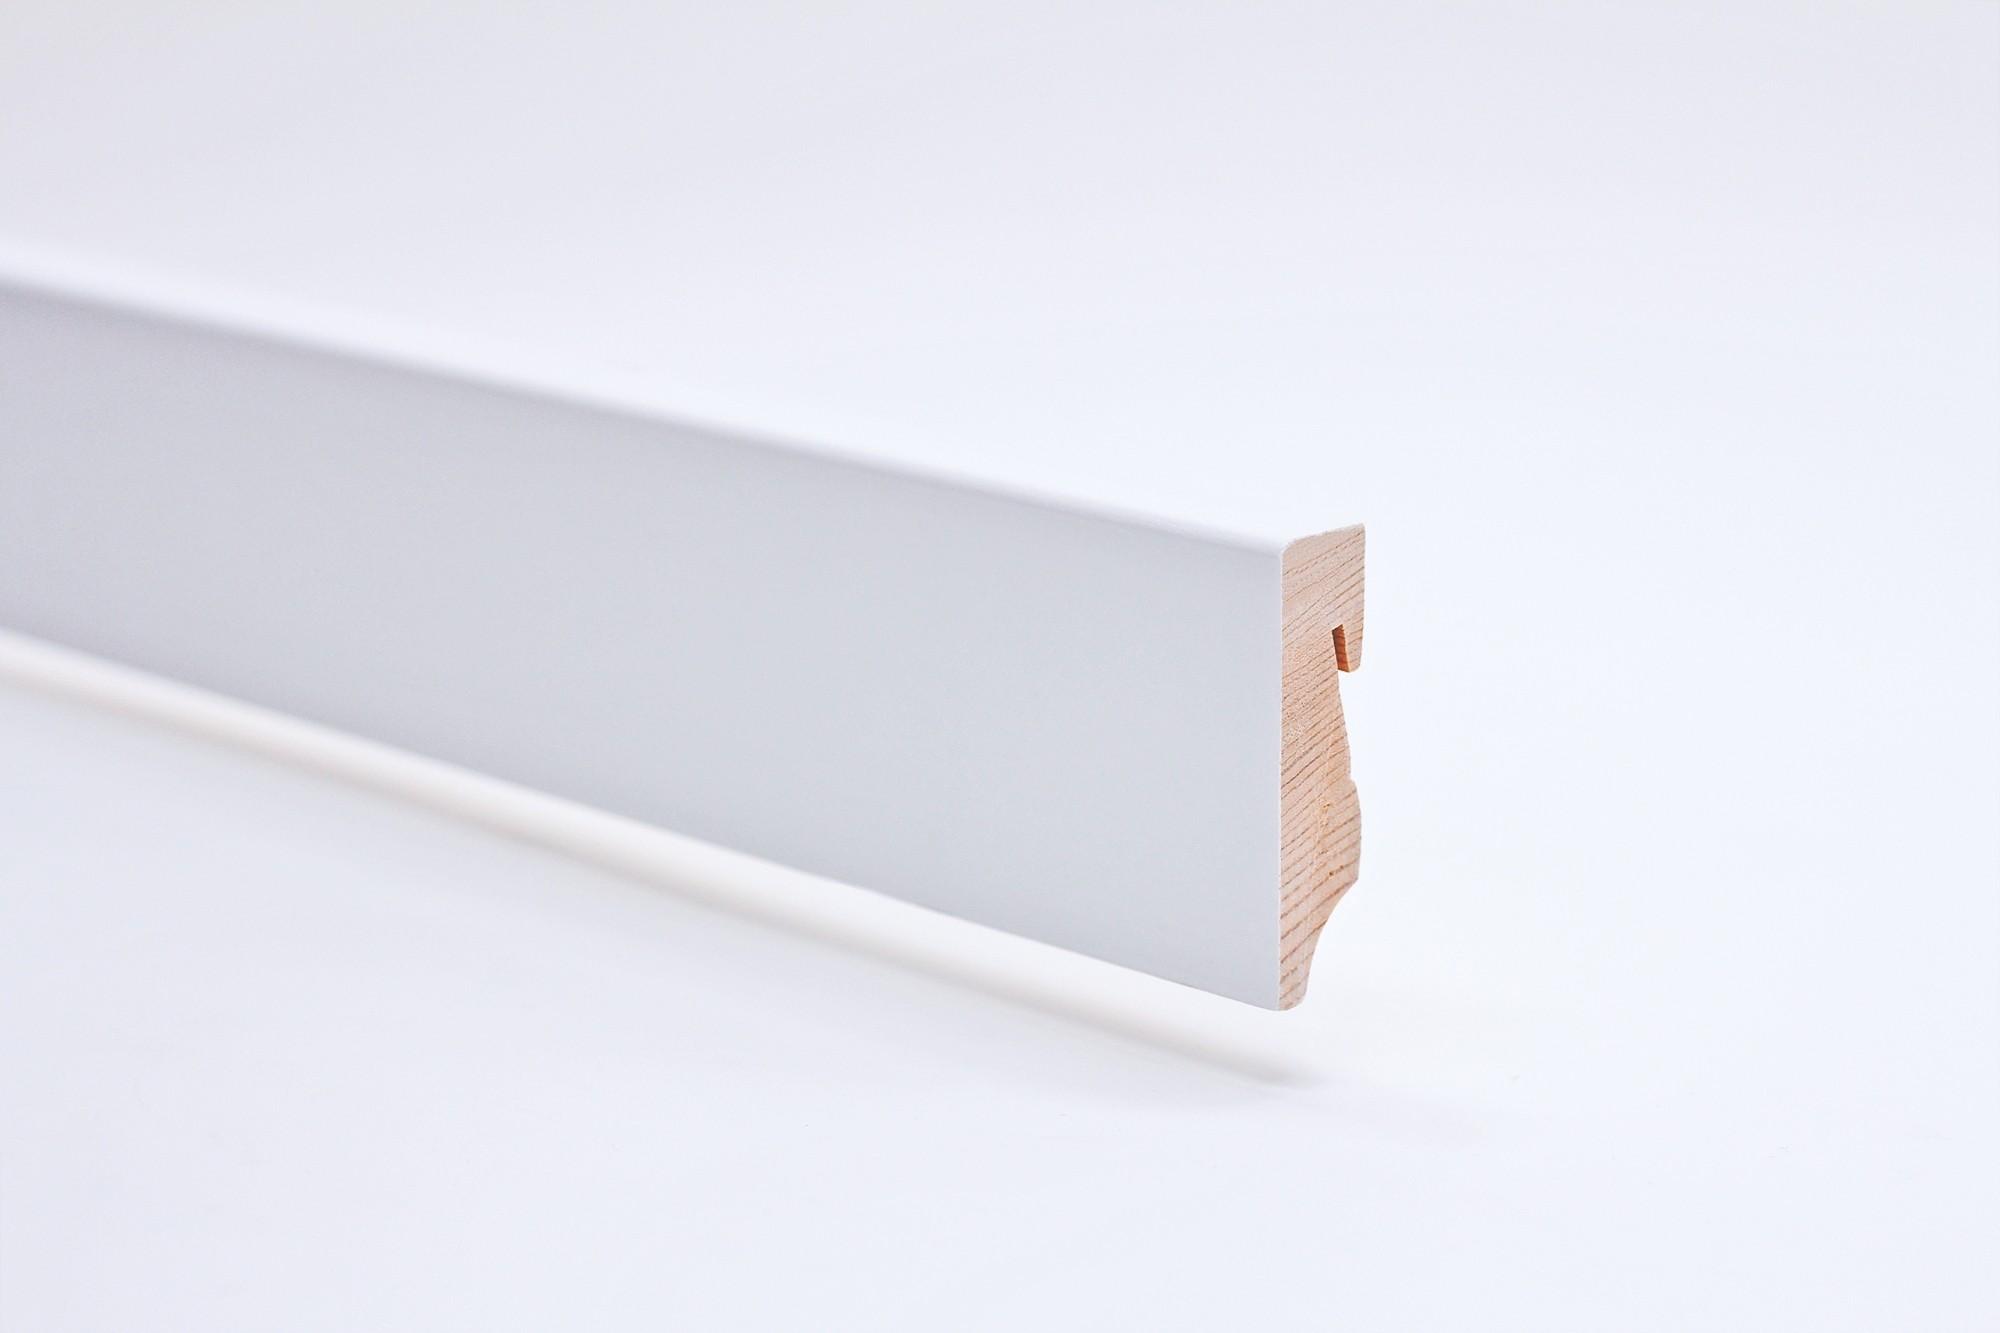 Sockelleiste (2400 x 16 x 58) eckig mit Rundung weiß lackiert Massivholz - Interio